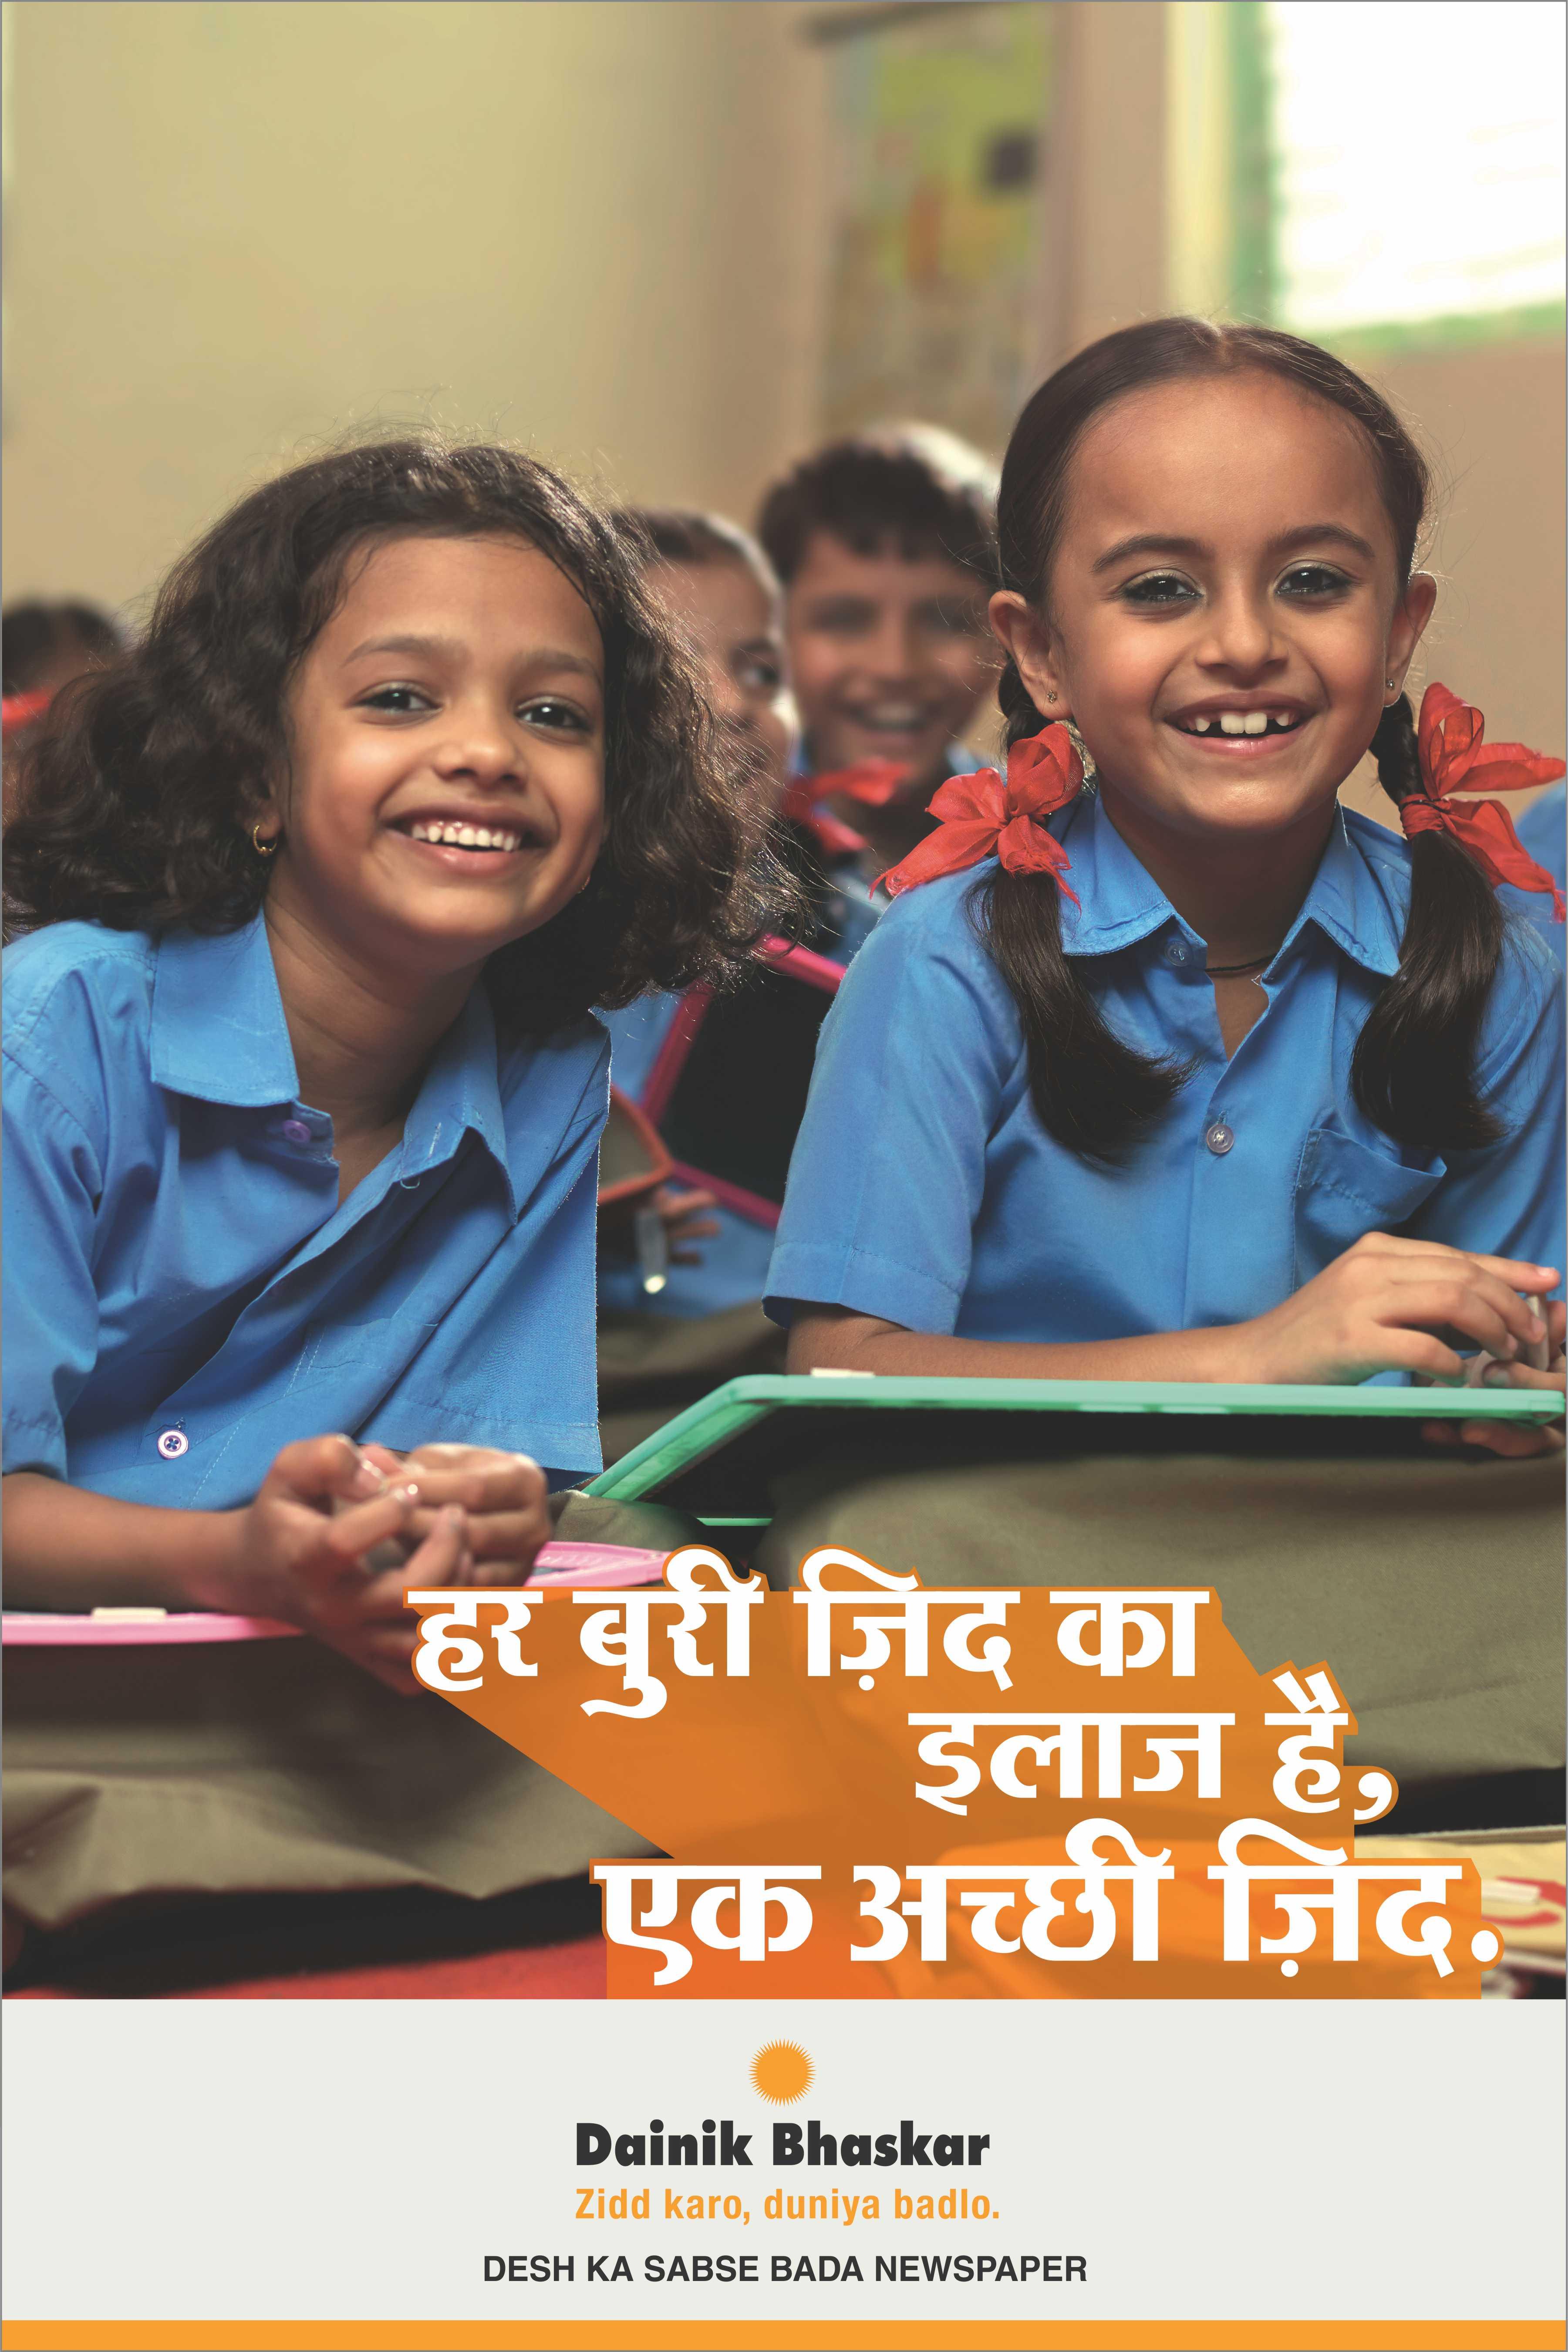 Dainik Bhaskar, Zidd Karo Duniya Badlo Campaign